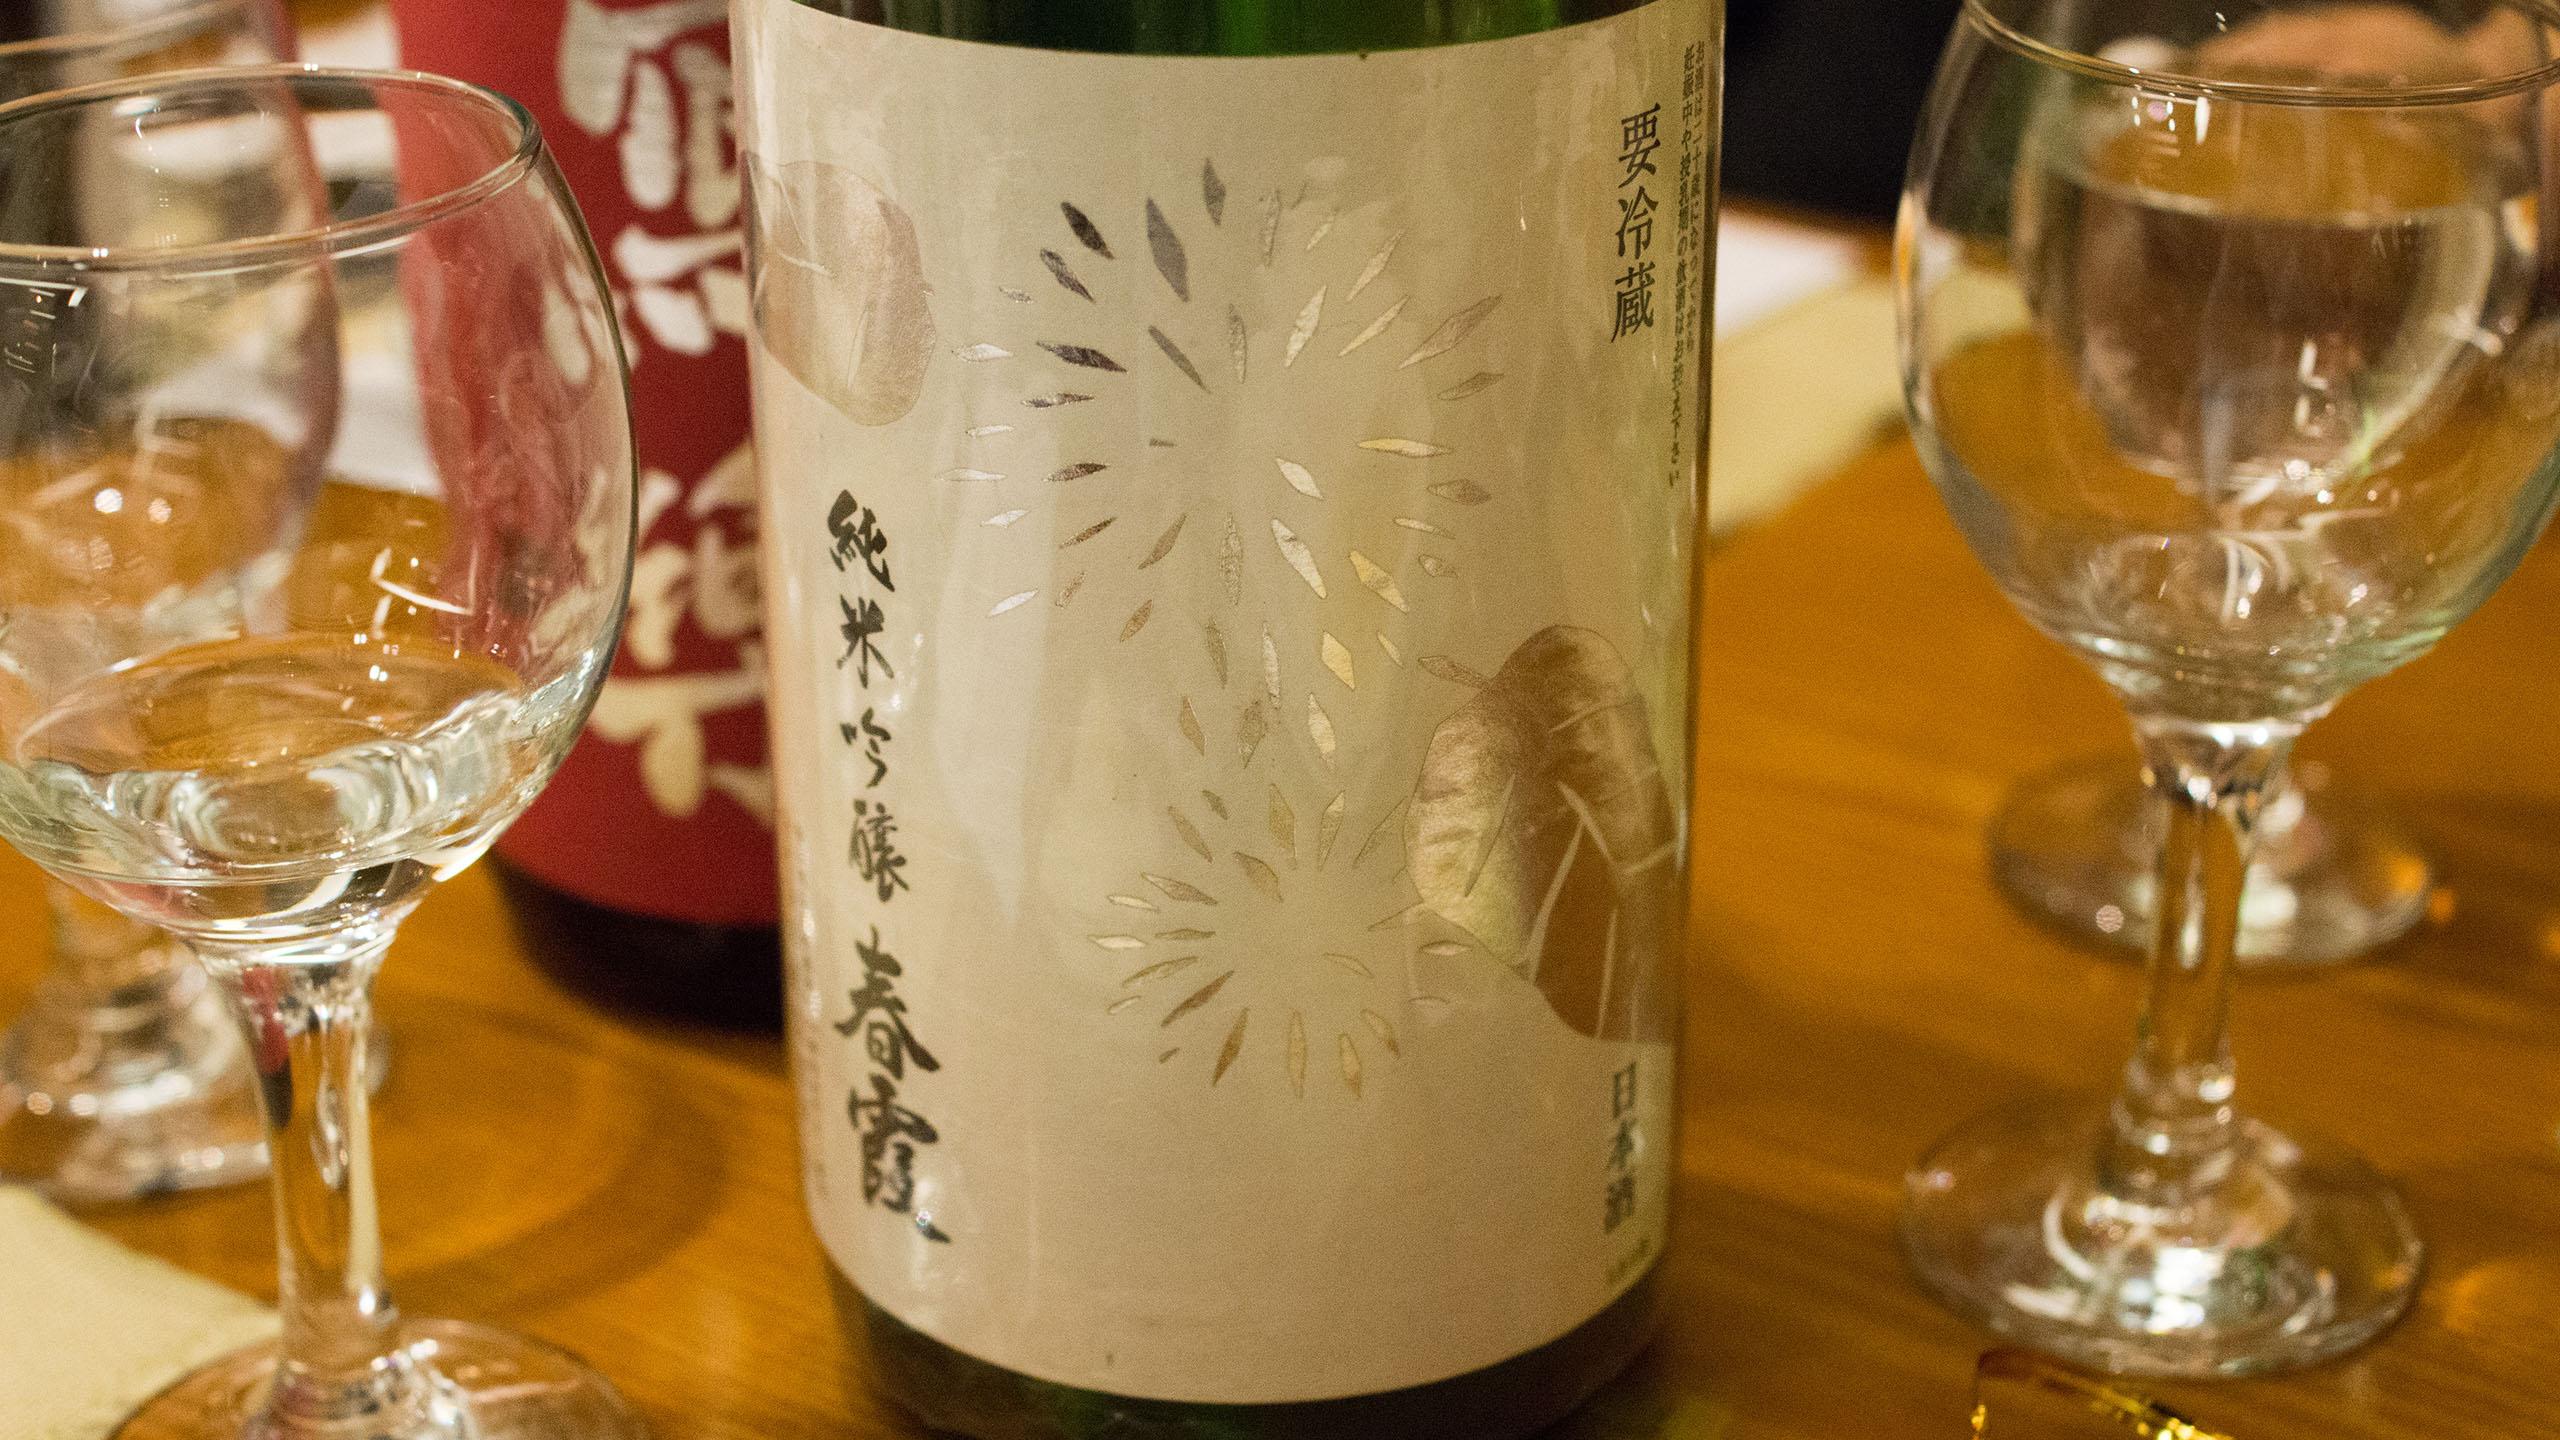 하루카스미 쿠리라벨(시로) 사케코마치시코미 쥰마이긴죠 무로카나마